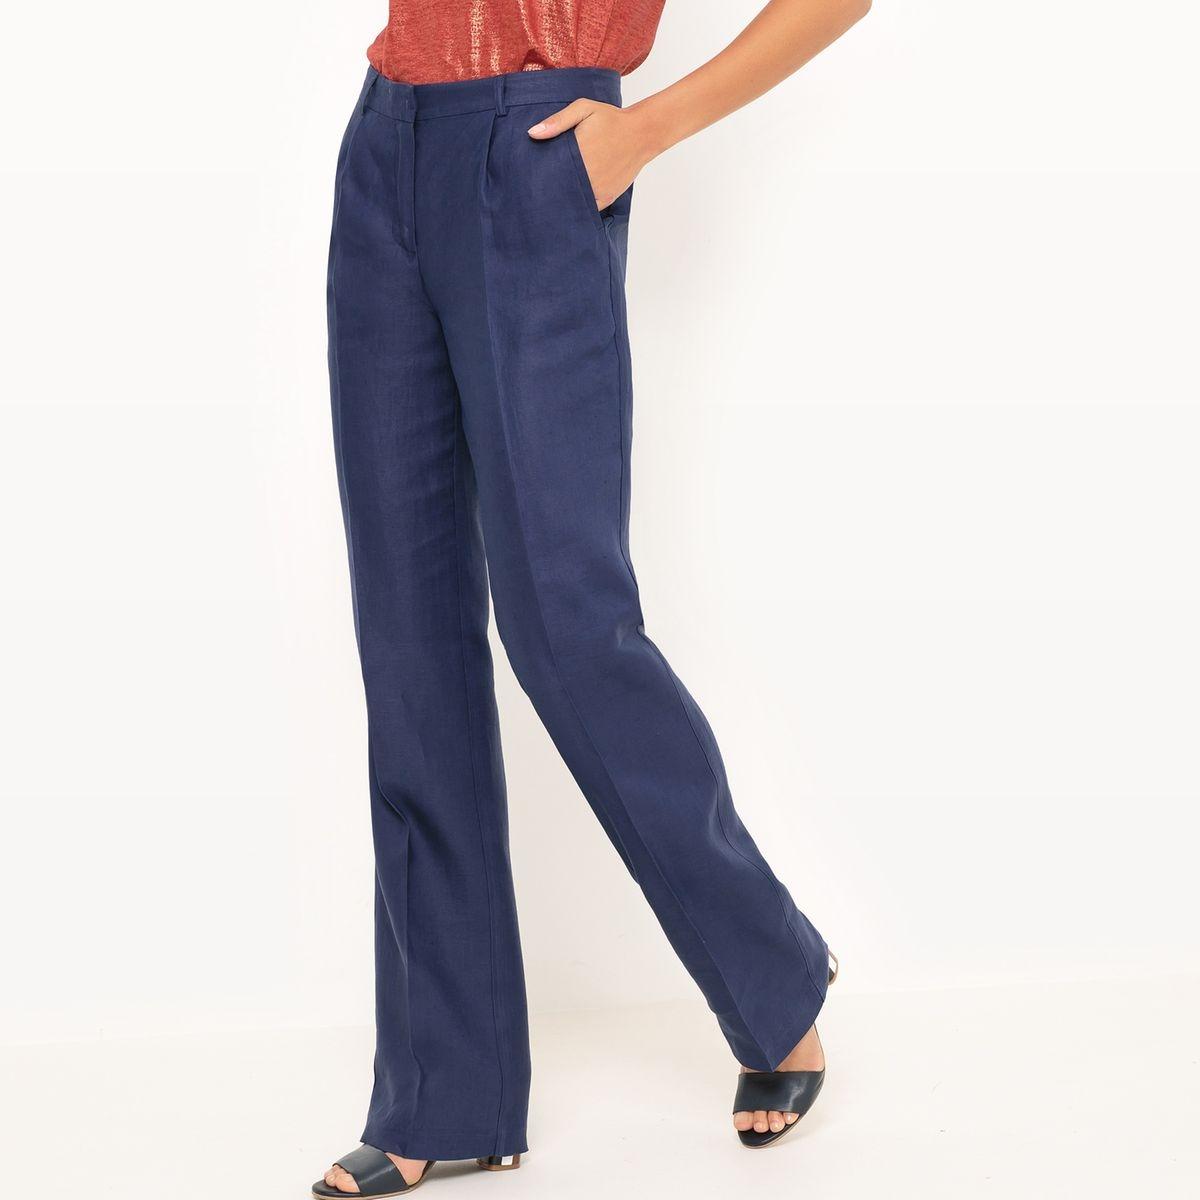 Pantalon droit, 100% lin